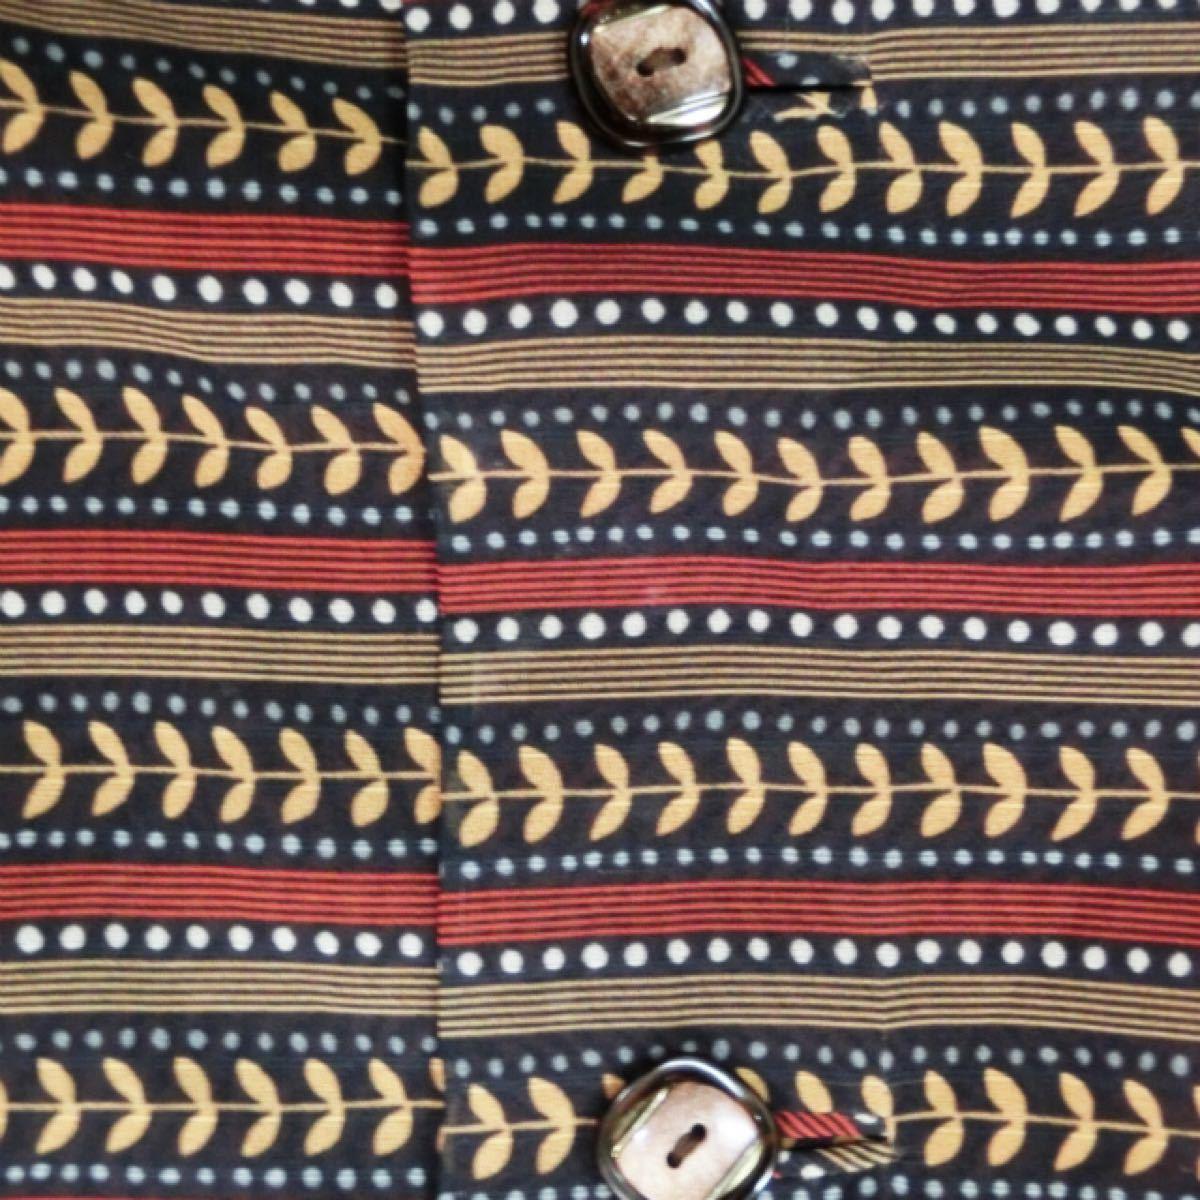 レトロ 古着 ワンピース シック きれいめ 半袖 リボン ボウタイ 1-55